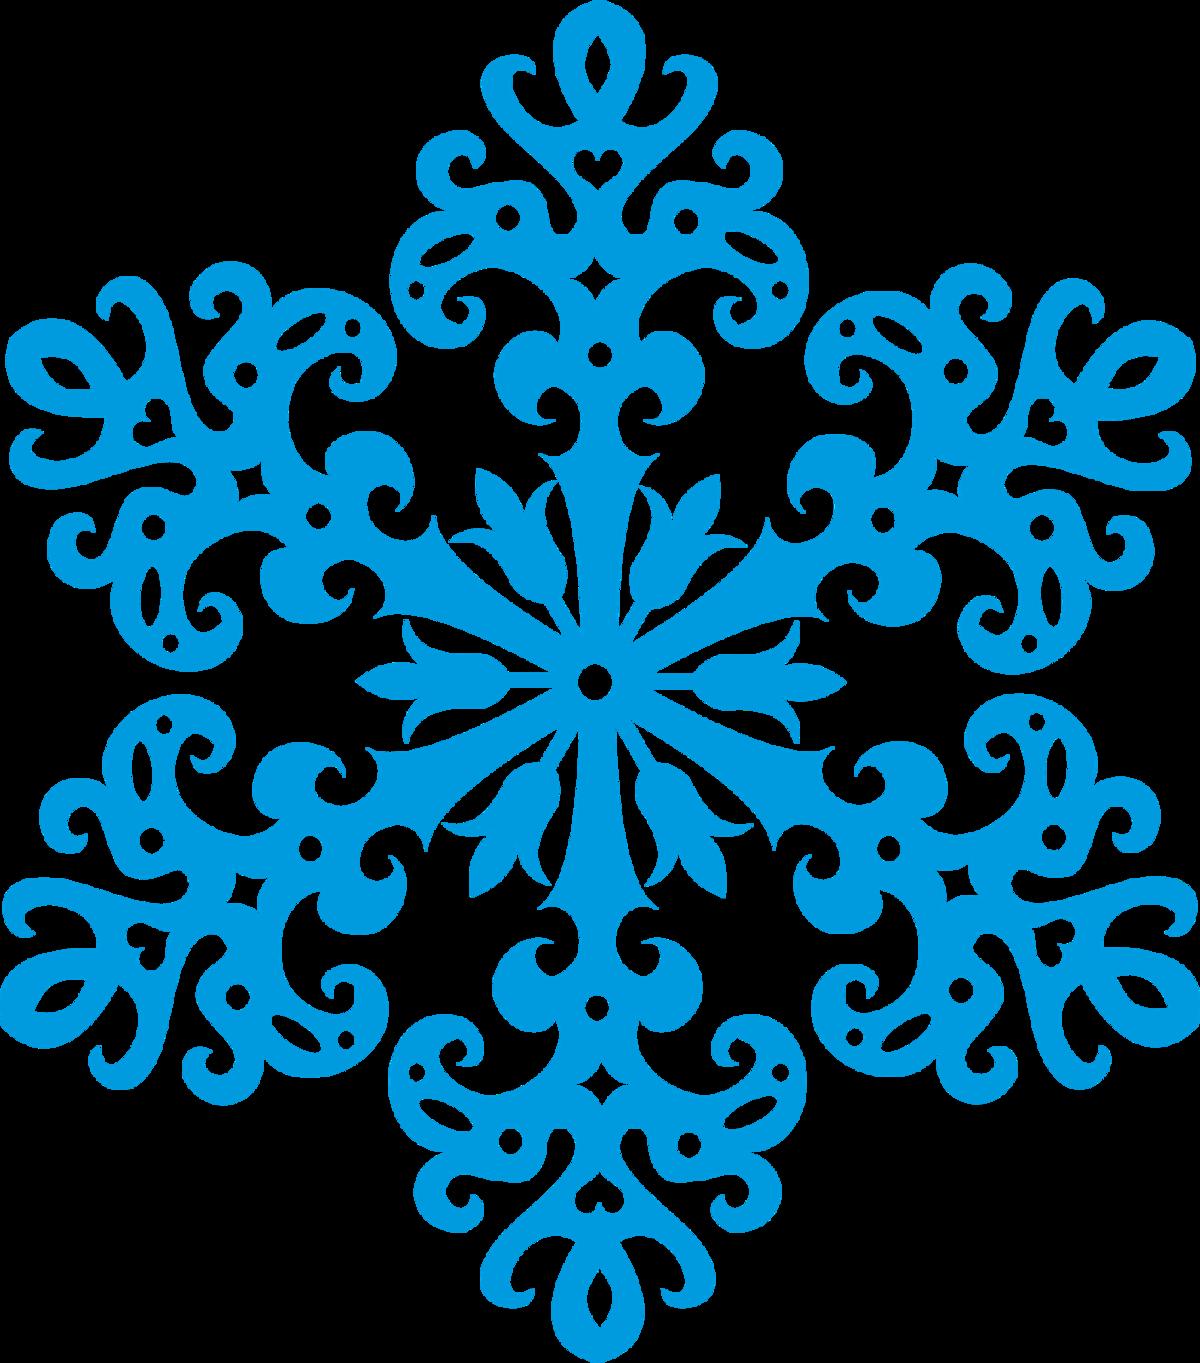 красивые картинки снежинок к новому году мудрые